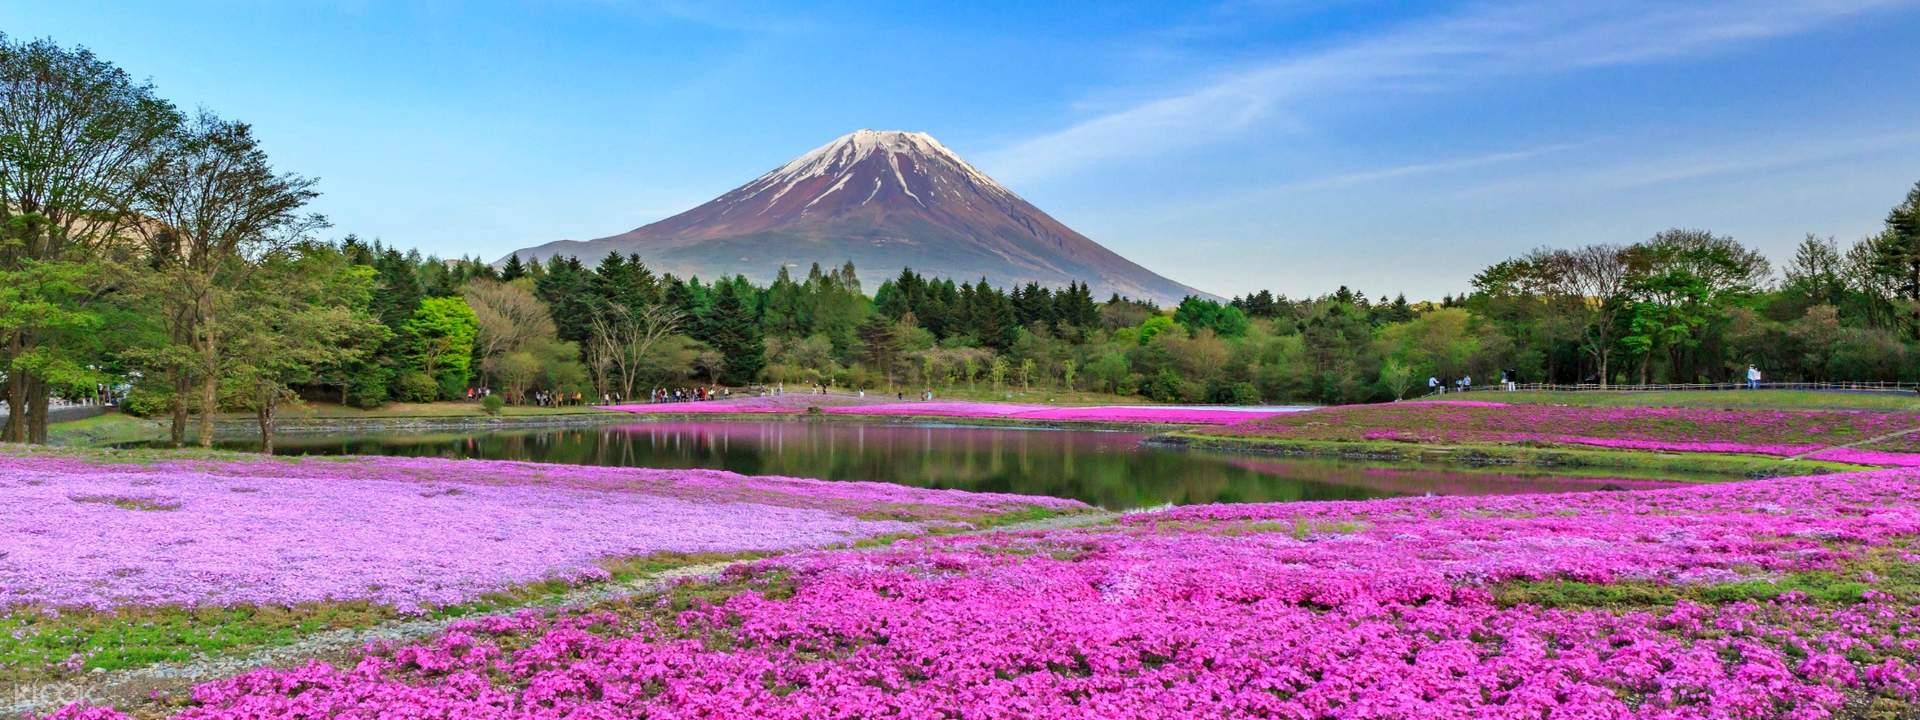 【富士芝櫻祭】走訪河口湖芝櫻&富士山五合目&採摘草莓一日遊 - KLOOK客路